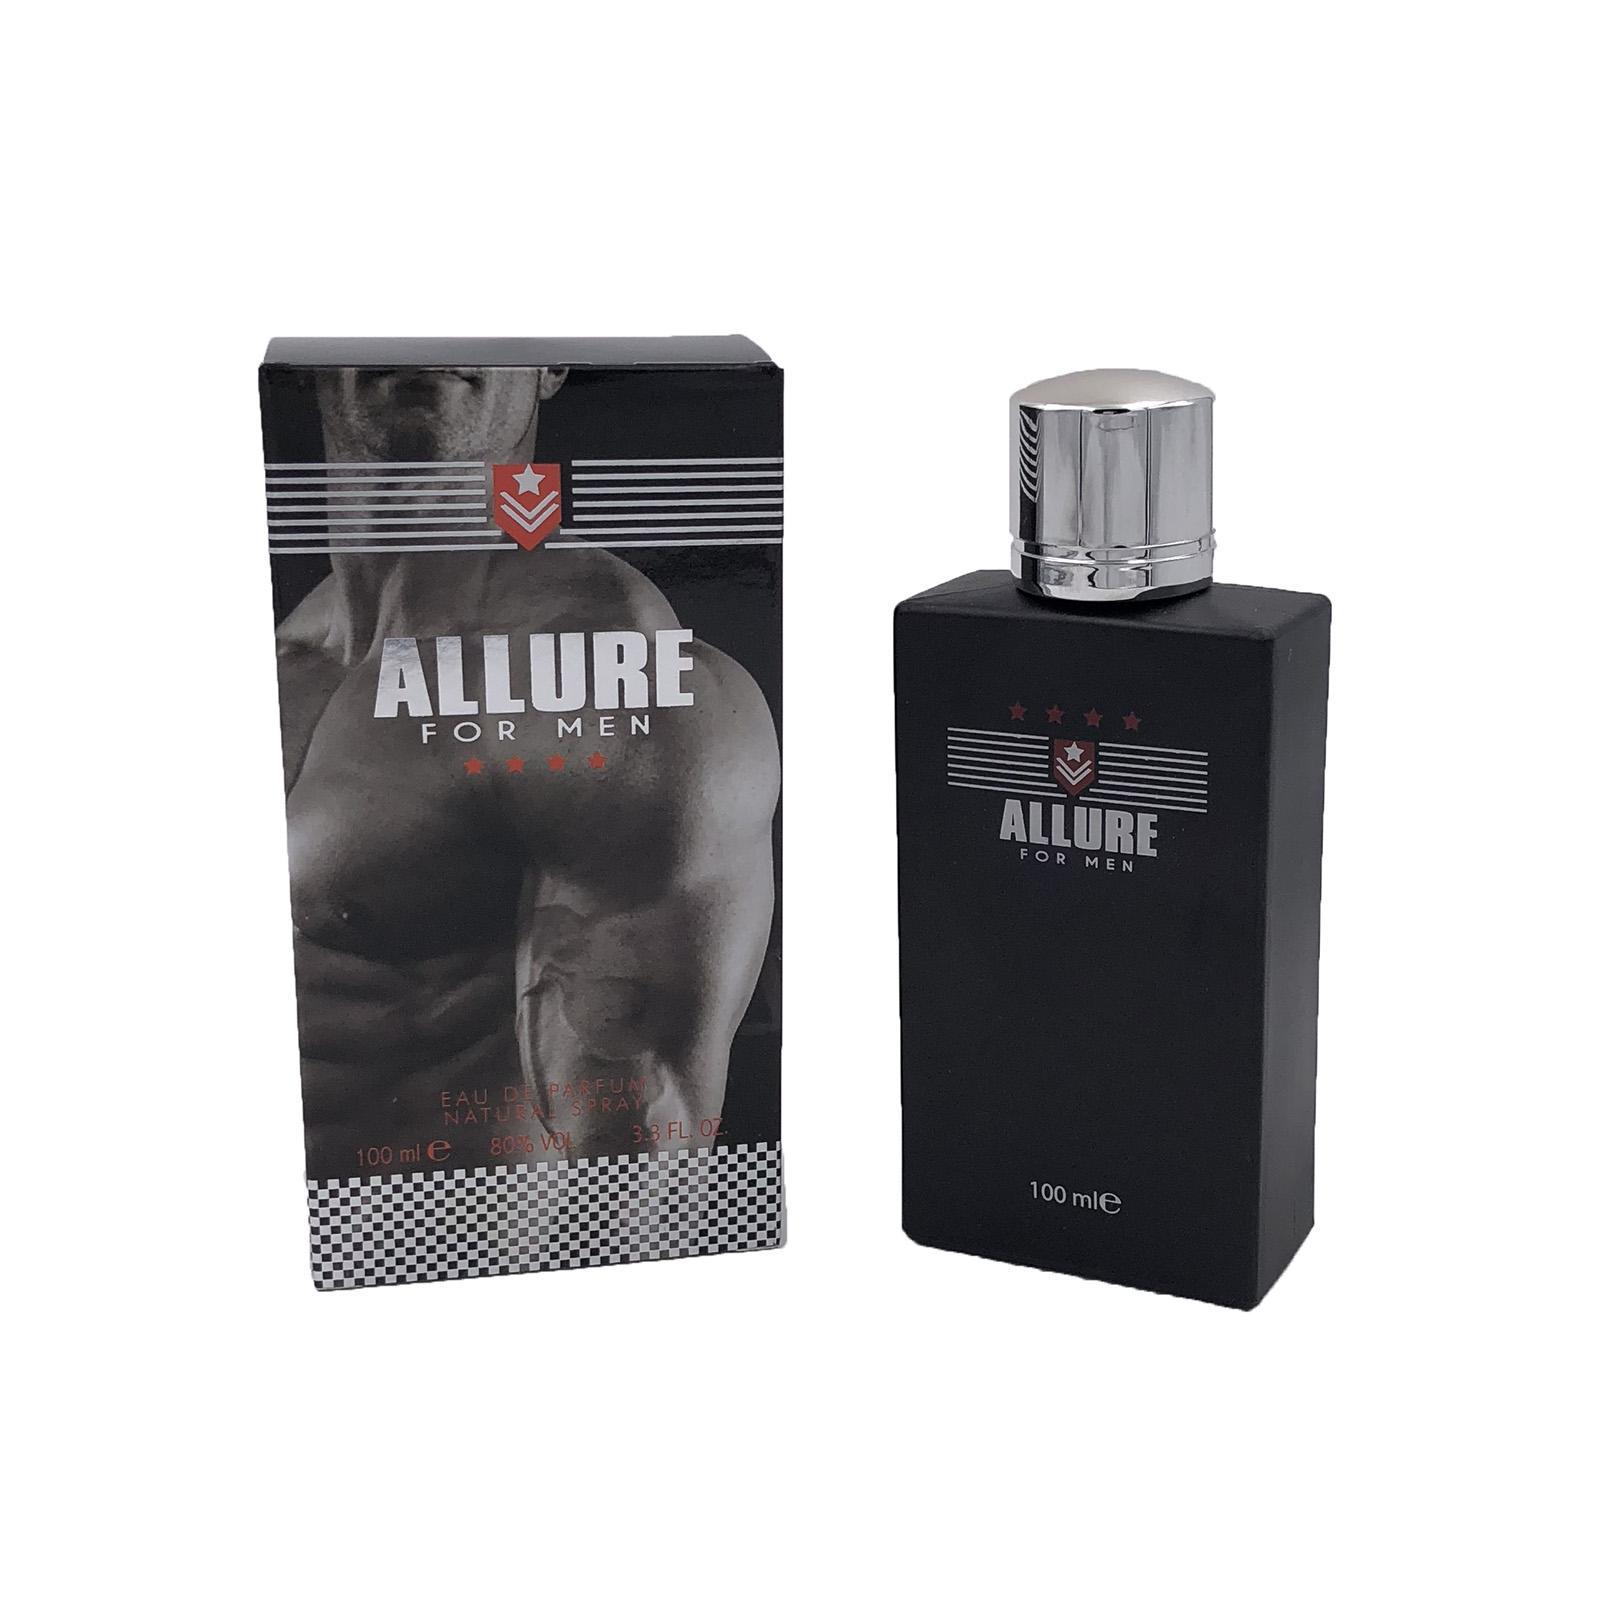 02144dbce66d Men s Cologne brands - Men s Fragrance on sale, prices, set ...